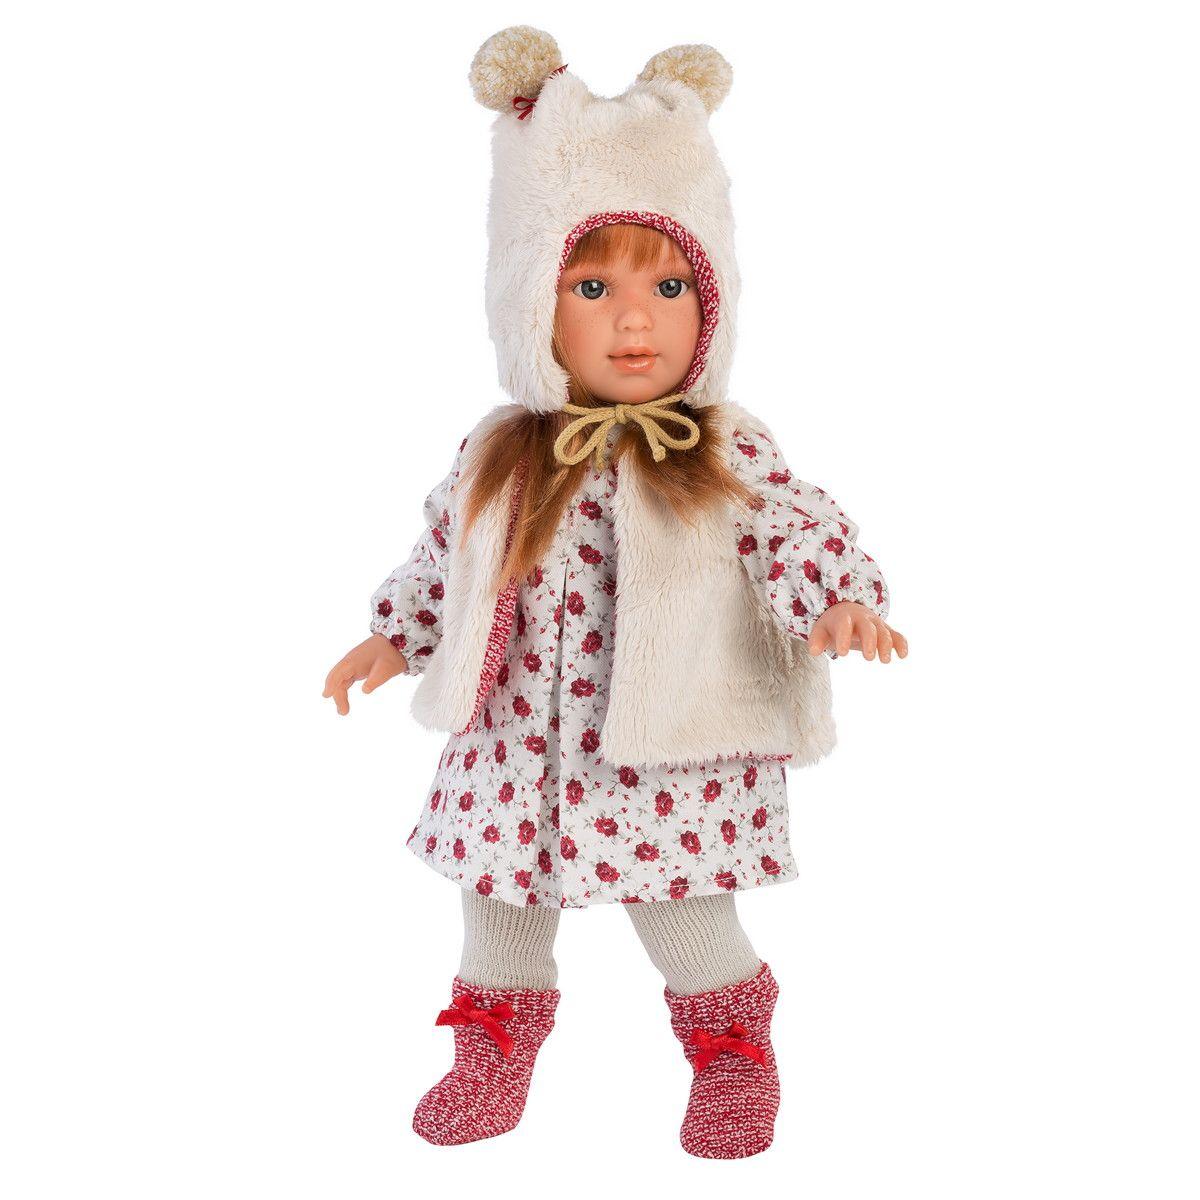 Купить Кукла Мартина, 40 см, Llorens Juan